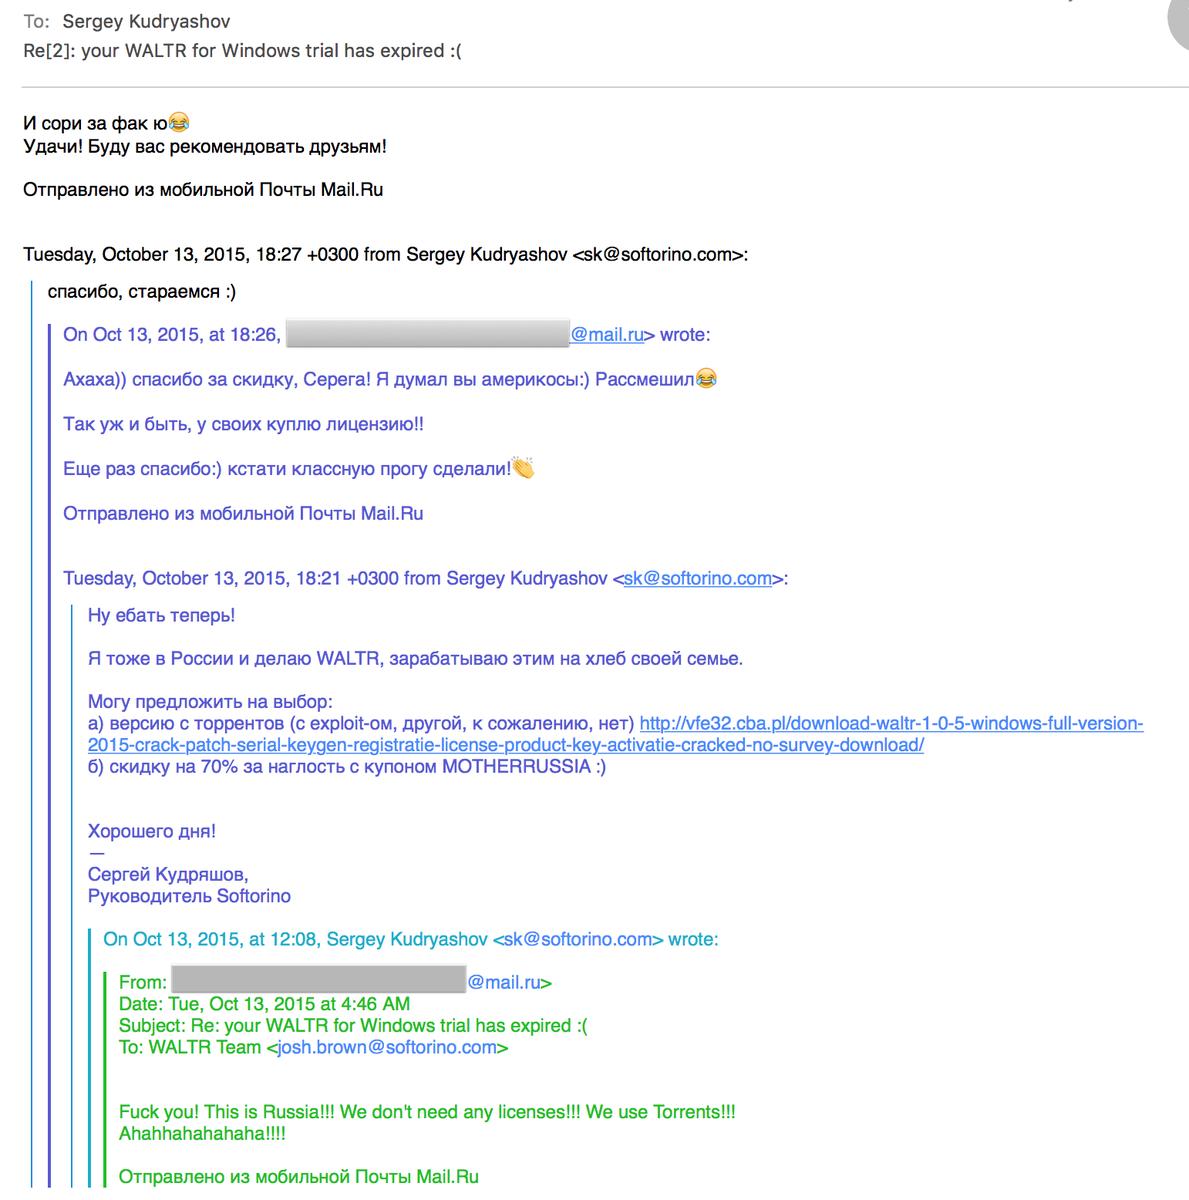 Главное общаться с пользователями на их языке :) #нампишут #motherrussia http://t.co/TC277ugRmI